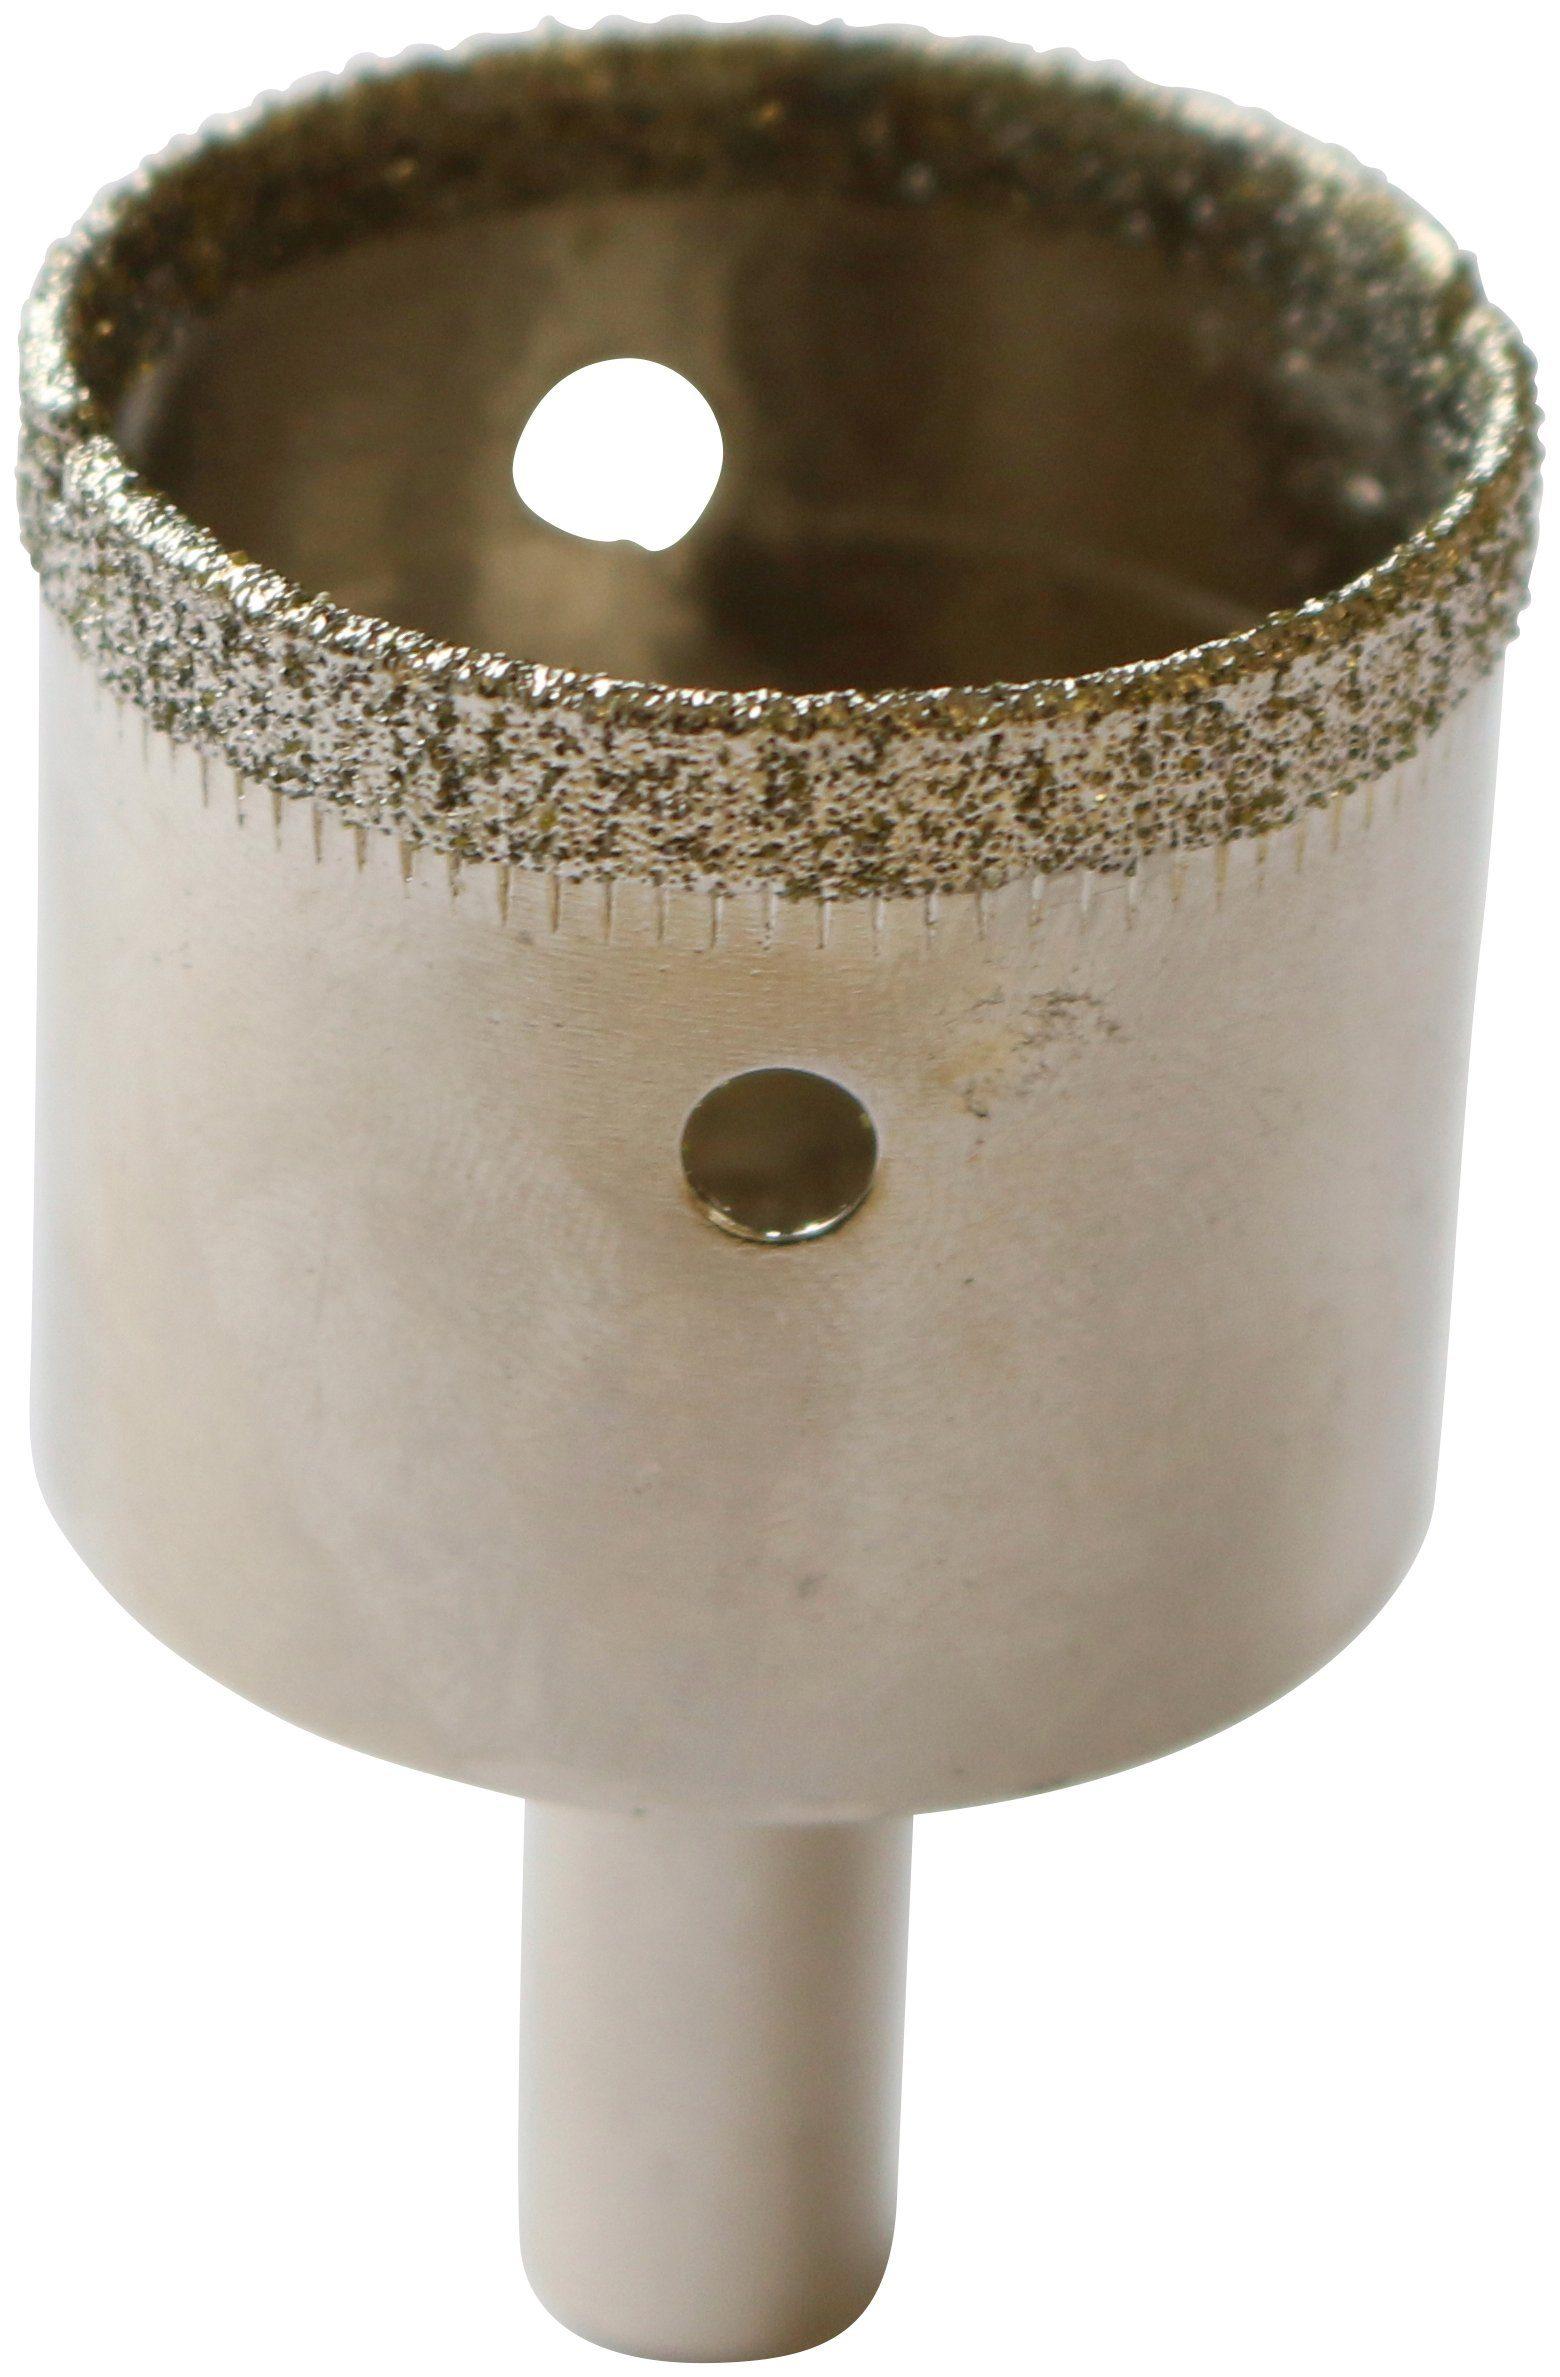 SCHOCK Diamantbohrer / Bohraufsatz »SB Light« für Lochbohrungen für Armaturen & Excenter